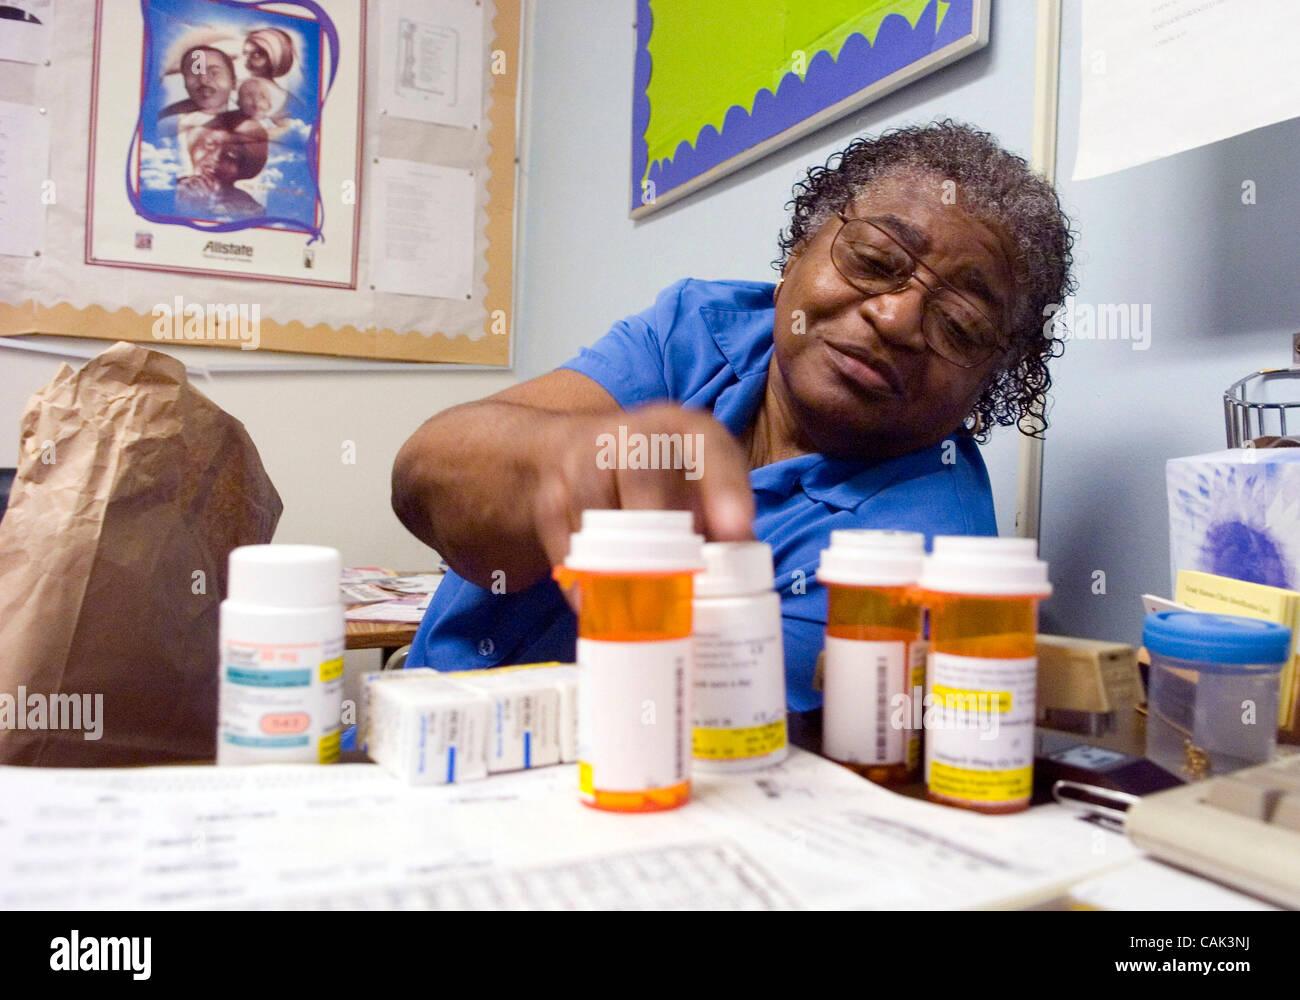 ATLANTA, GA - 20 settembre: paziente del diabete Mildred M. Griggs tira fuori i suoi farmaci durante la consultazione Immagini Stock